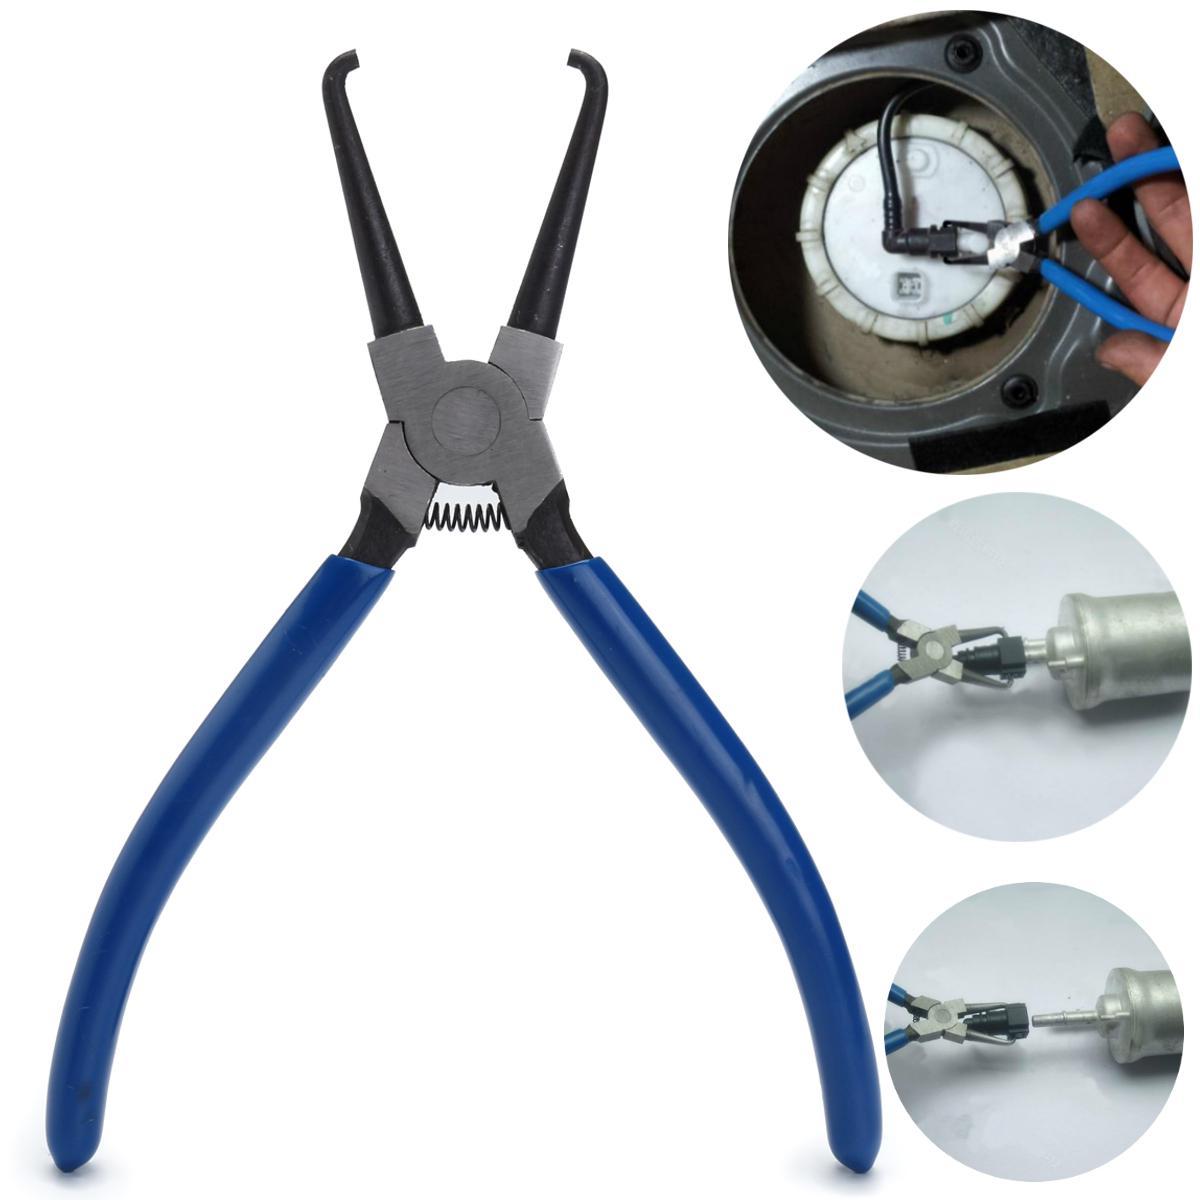 Étriers de filtre à essence pinces spéciales pour Automobile tuyau tuyau dessence Joint démontage rapide pince voiture Auto pinces tuyau